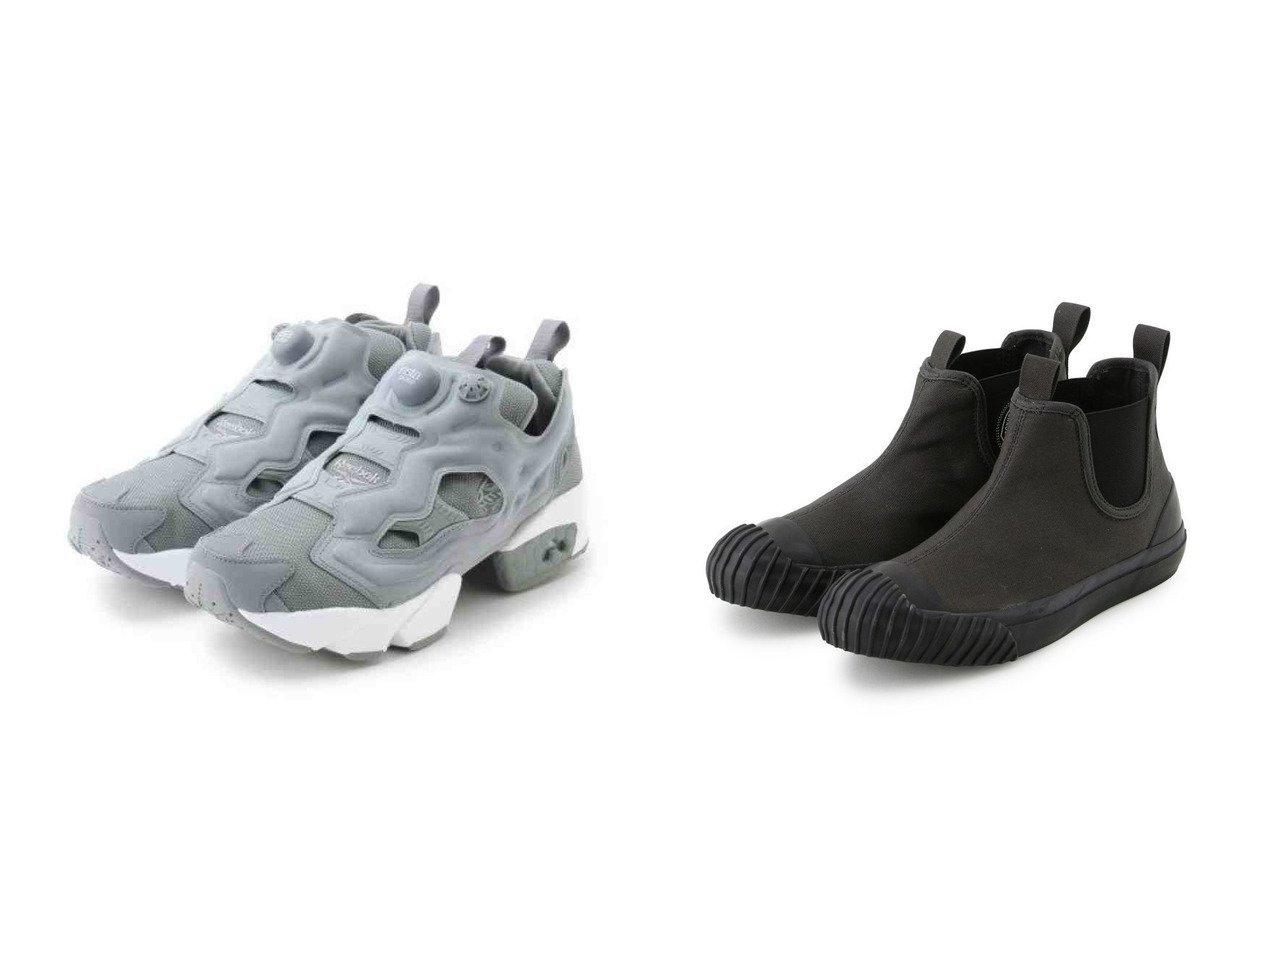 【emmi/エミ】の【Reebok】INSTAPUMP FURY OG&【Adam et Rope Le Magasin/アダム エ ロペ ル マガザン】の【CONVERSE】BIG C SIDEGORE HI シューズ・靴のおすすめ!人気、トレンド・レディースファッションの通販  おすすめで人気の流行・トレンド、ファッションの通販商品 メンズファッション・キッズファッション・インテリア・家具・レディースファッション・服の通販 founy(ファニー) https://founy.com/ ファッション Fashion レディースファッション WOMEN シューズ スニーカー スリッポン フィット レース 再入荷 Restock/Back in Stock/Re Arrival |ID:crp329100000009832